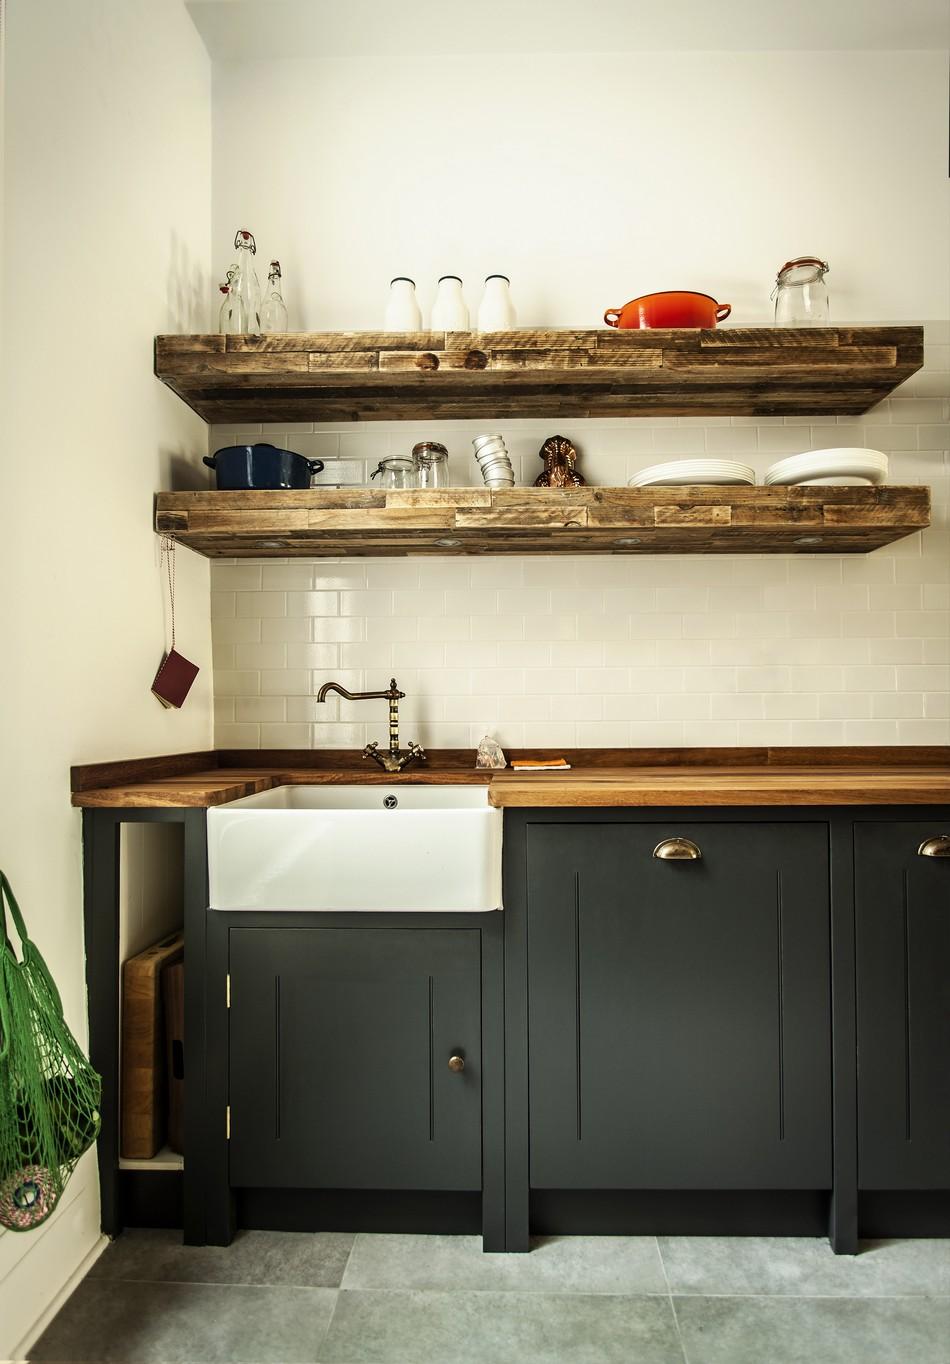 Чёрный кухонный гарнитур в интерьере кухни